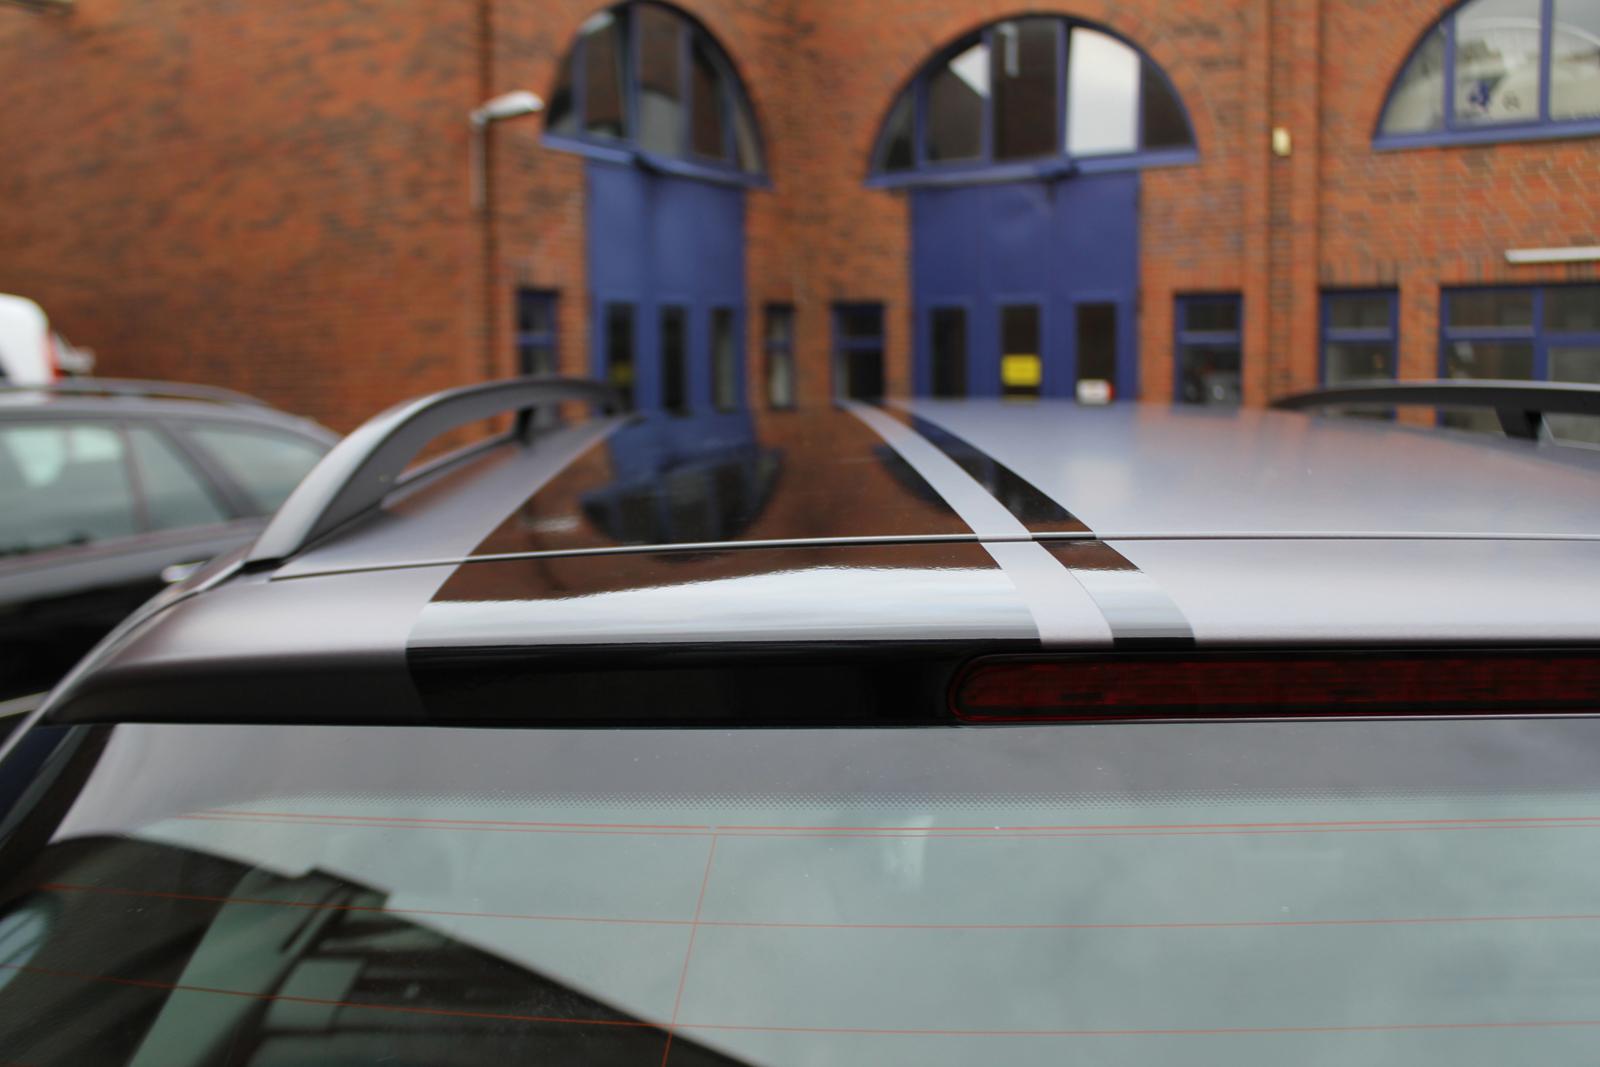 Dachansicht eines Audi A4 in anthrazit matt mellic Folie und schwarz glänzenden Rallye-Streifen